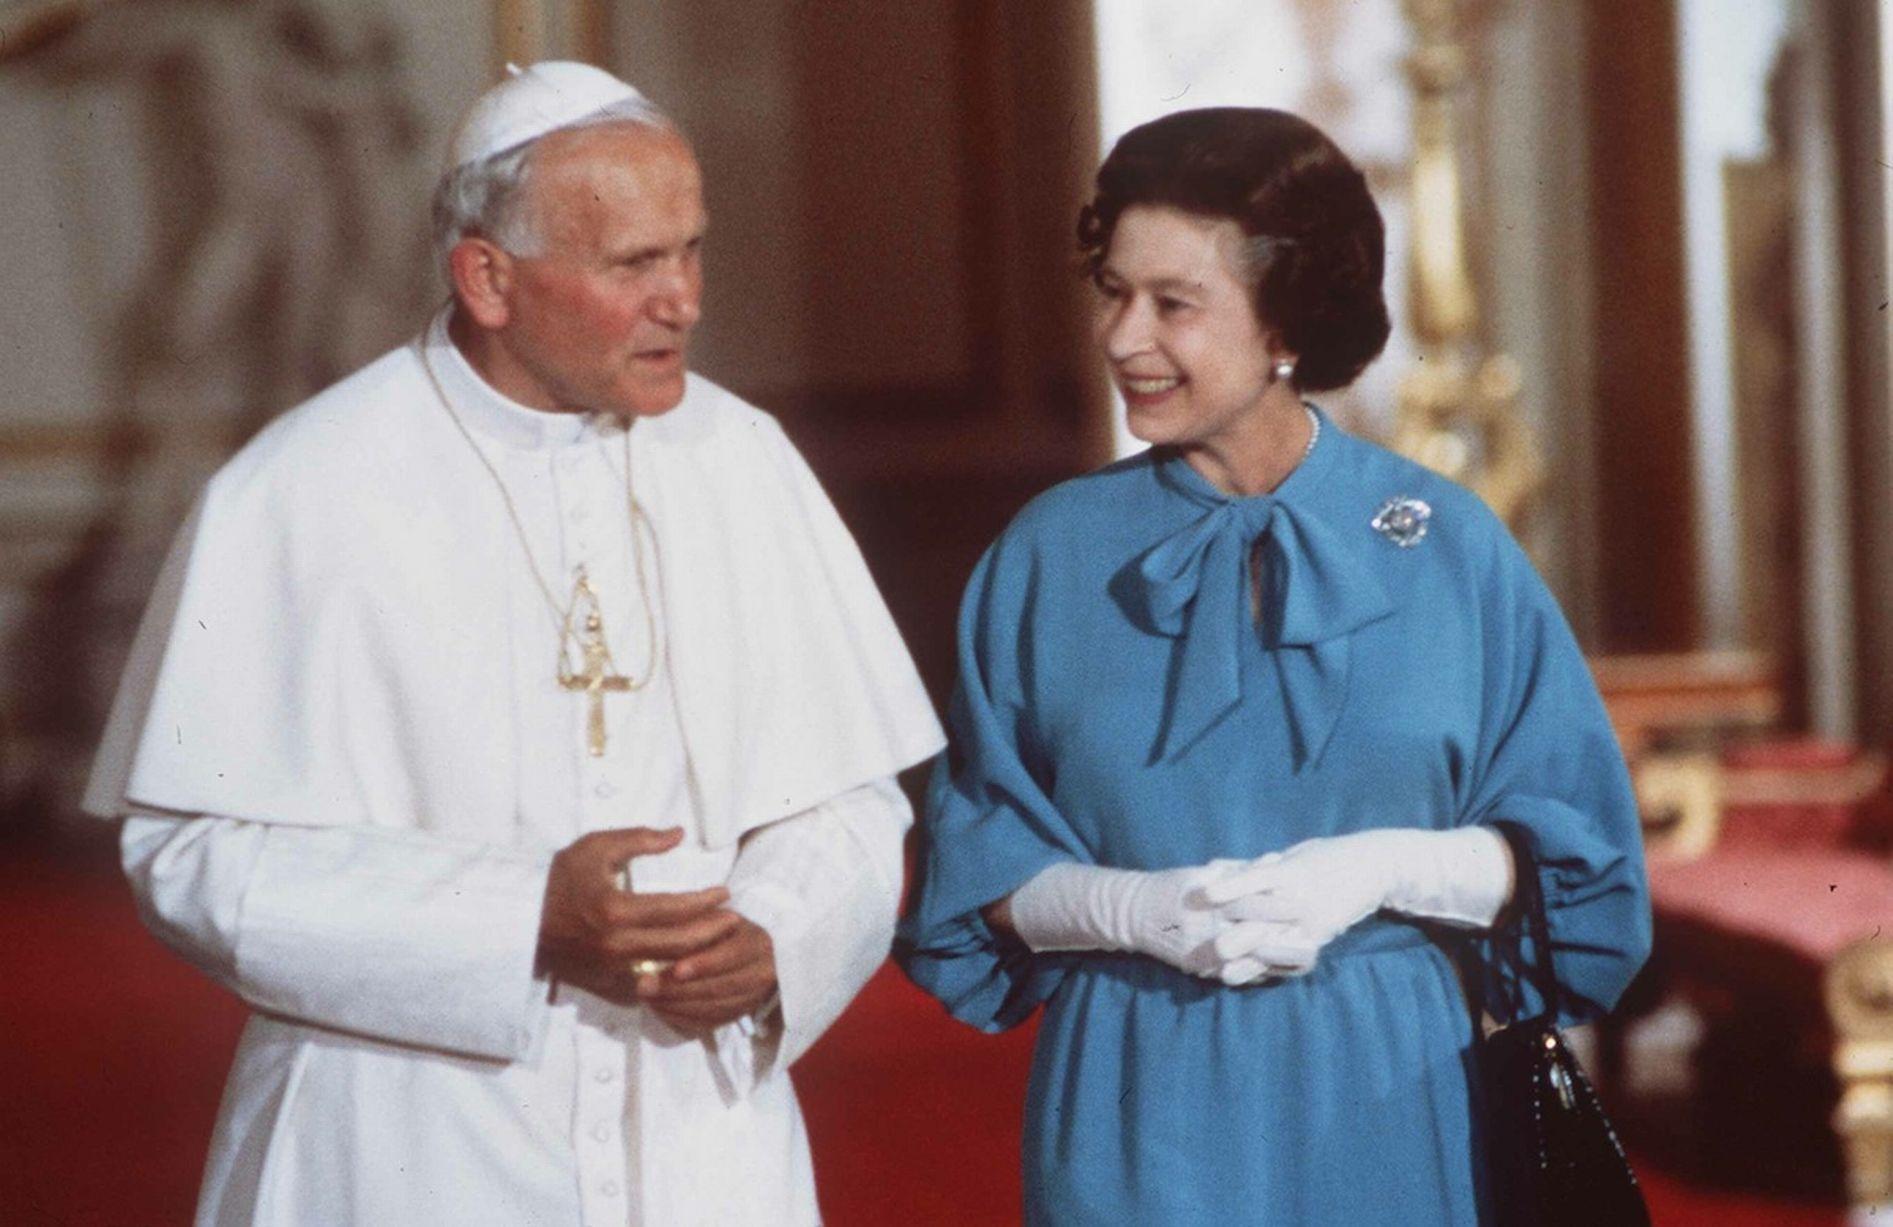 Queen elizabeth and pope john paul ii 1